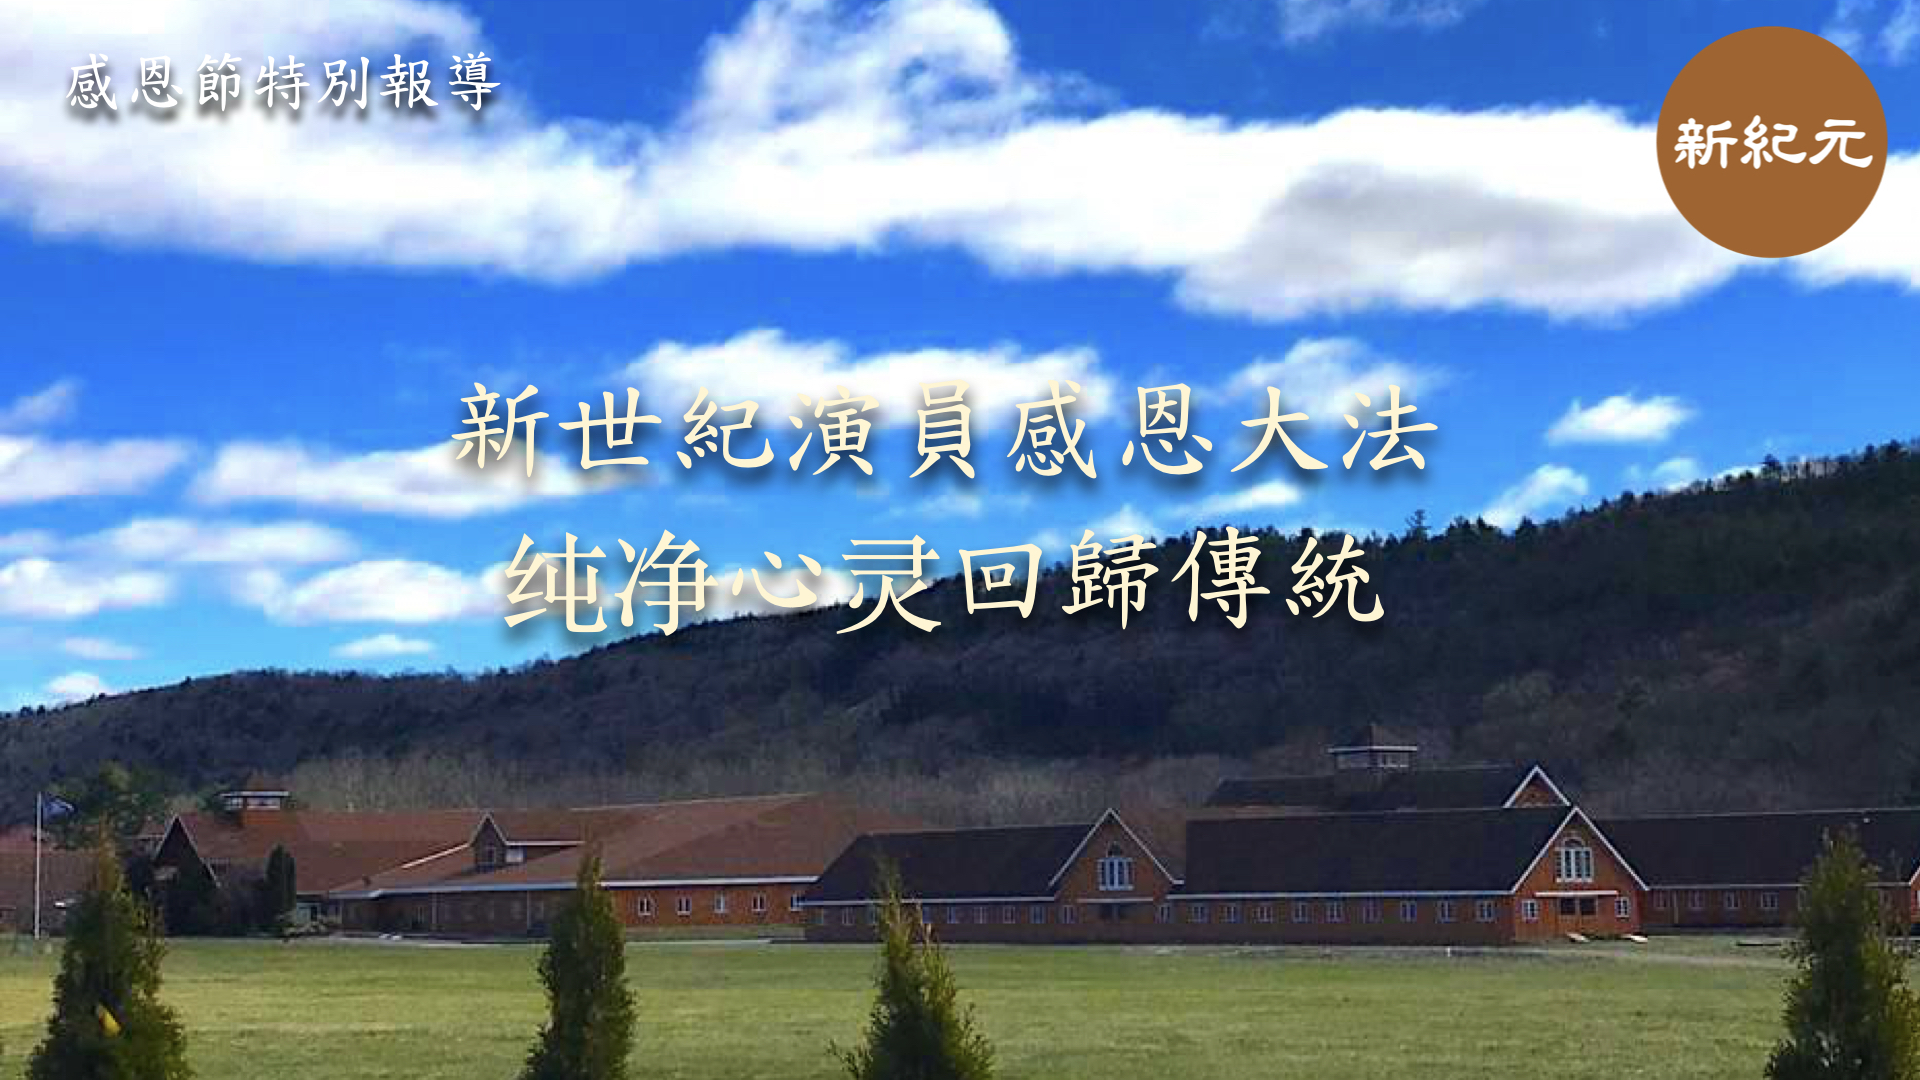 感恩節 新世紀演員感恩法輪大法 纯净心灵回歸傳統 (下)|#新紀元